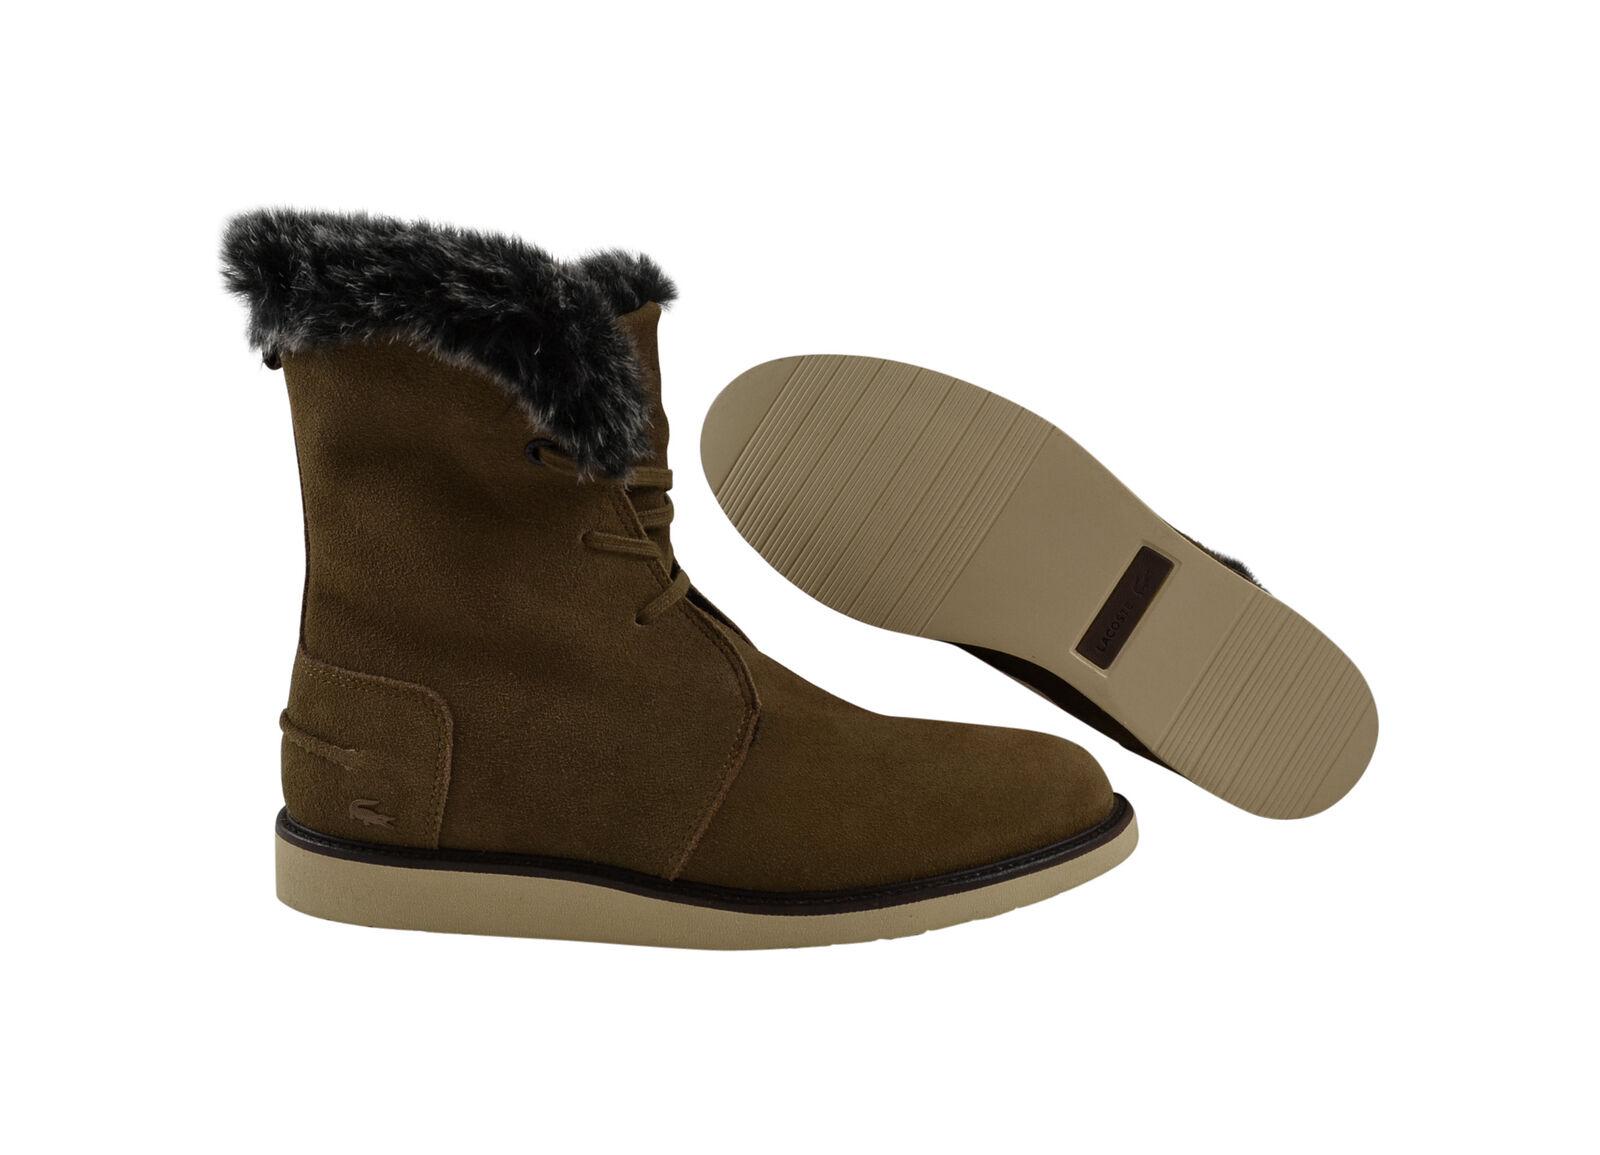 Lacoste Baylen 2 SRW botas de invierno botas tan/zapatos piel forro marrón